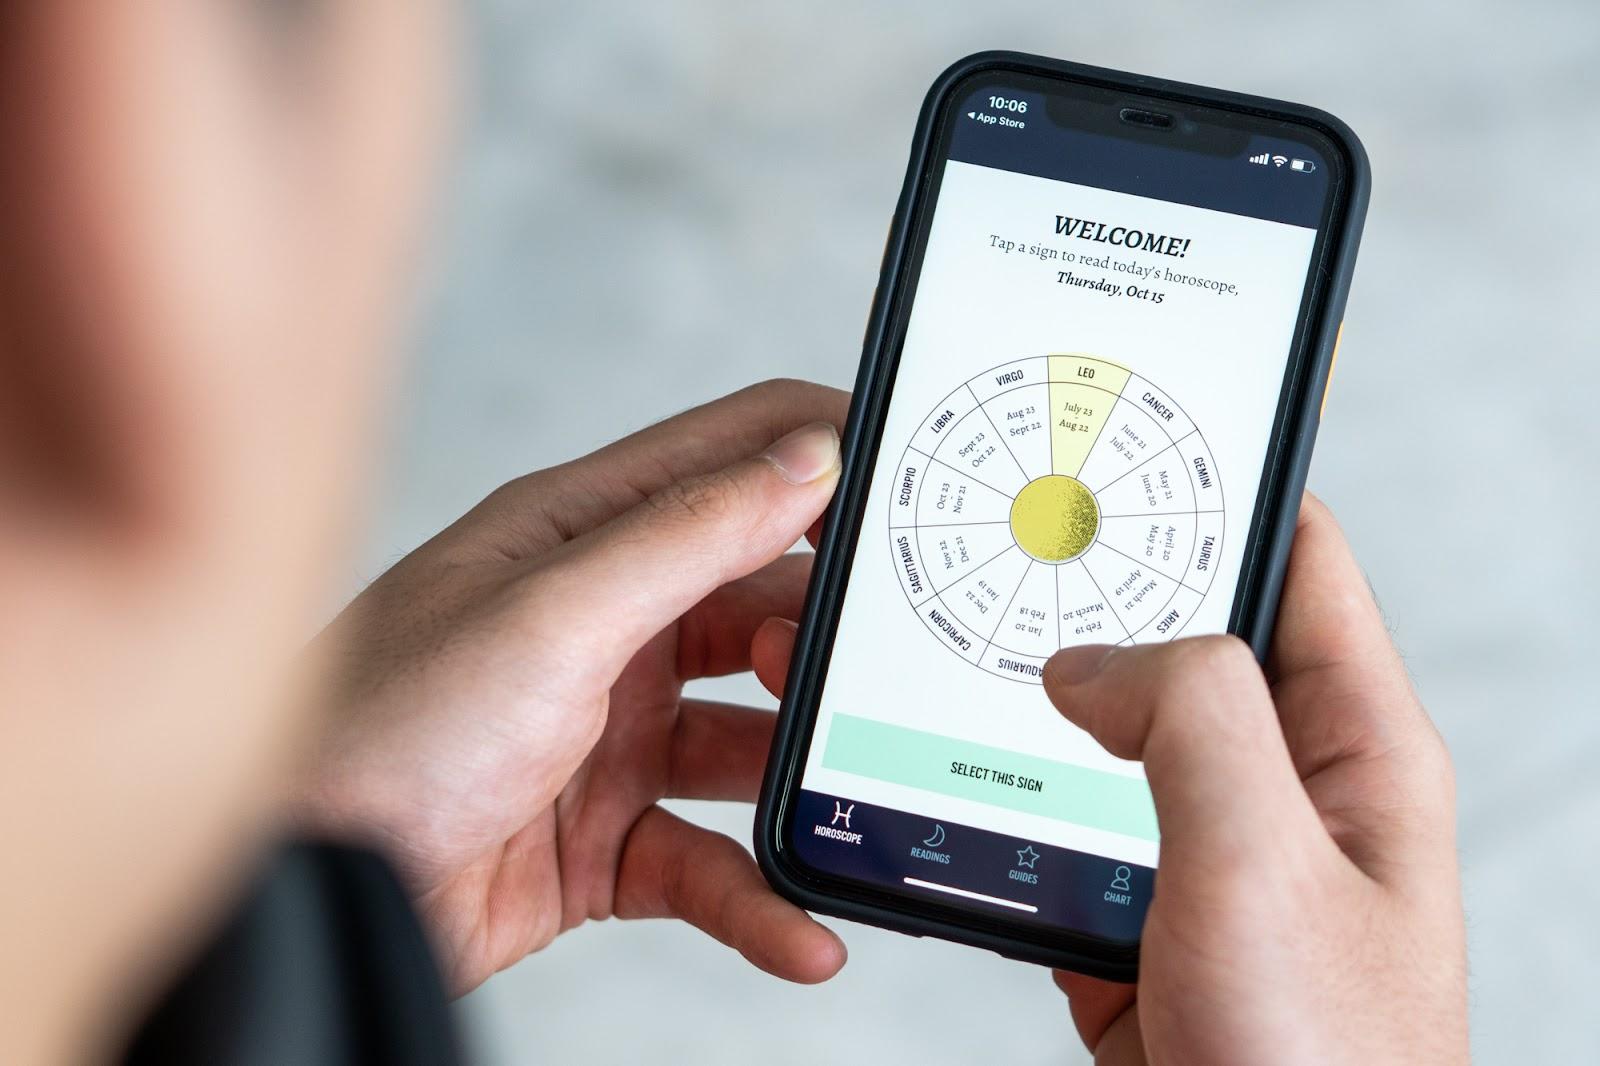 class Ổn App 5 Ứng dụng horoscope coacute trải nghiệm xịn nhất năm 2020 5